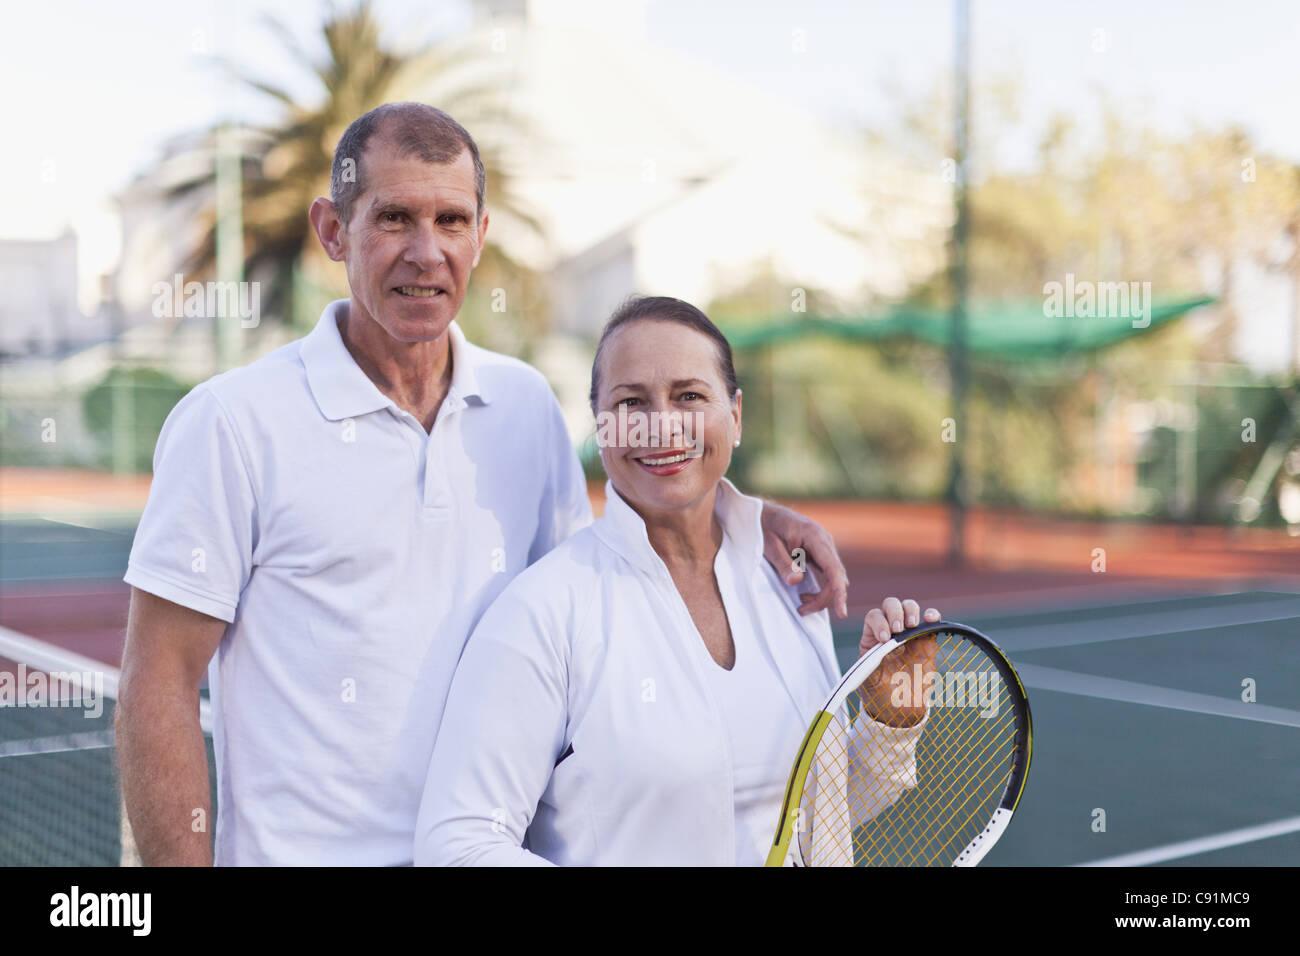 Vieux couple debout sur un court de tennis Photo Stock